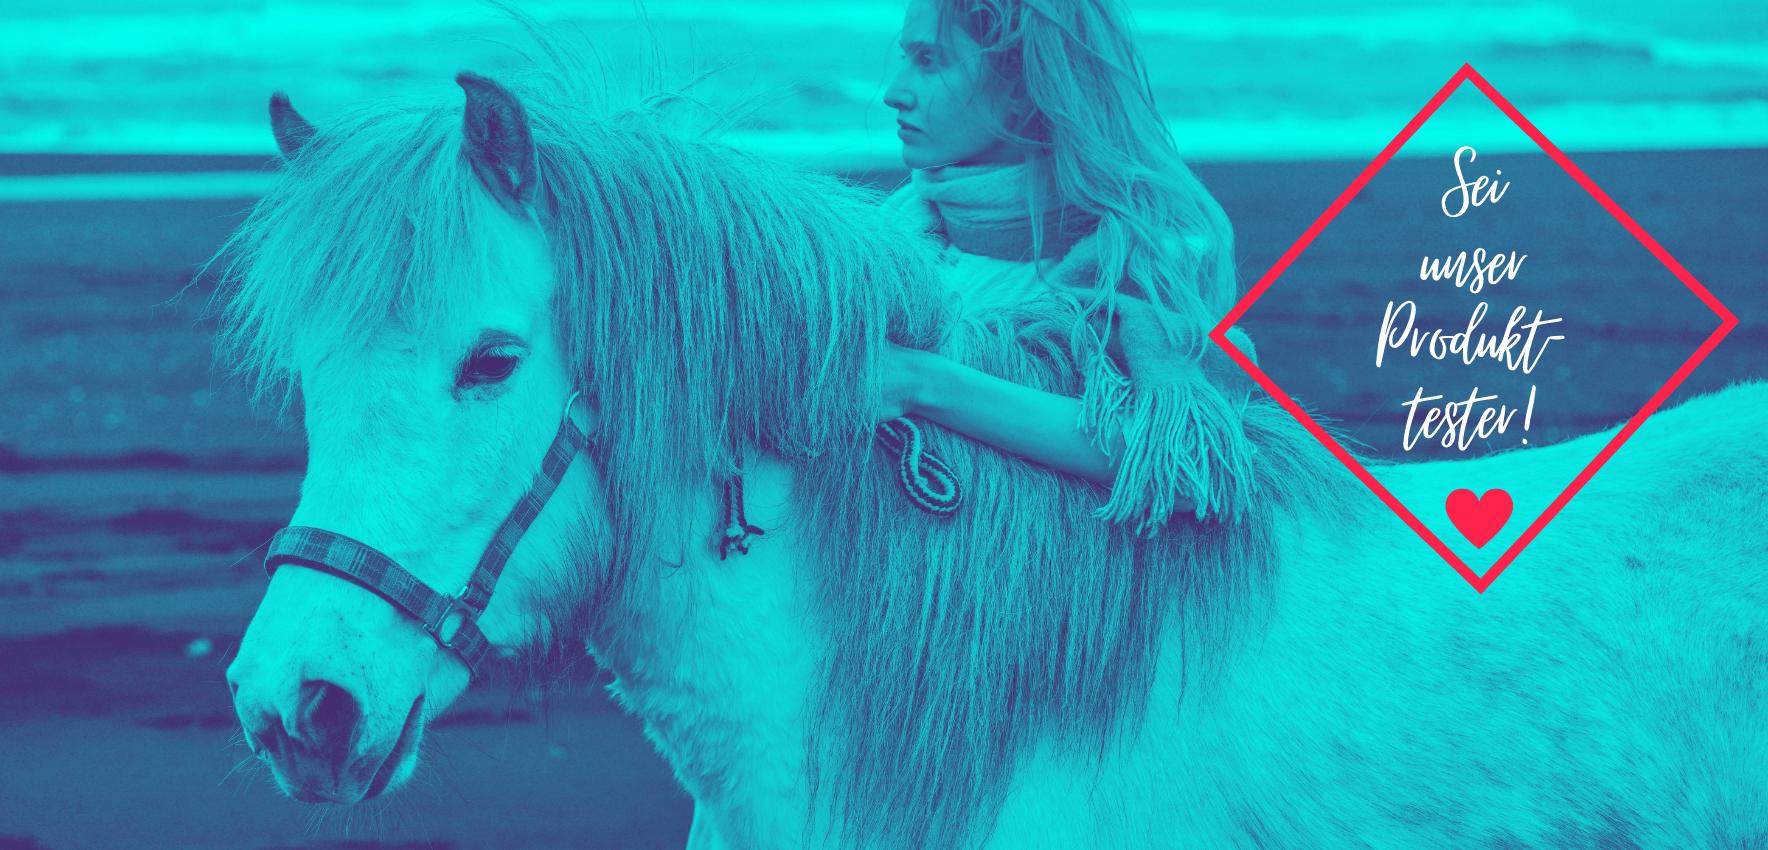 Als Mitglied beim PferdeMagazin kannst du regelmäßig selbst Produkte testen - also melde dich kostenlos an und mach bei uns mit!